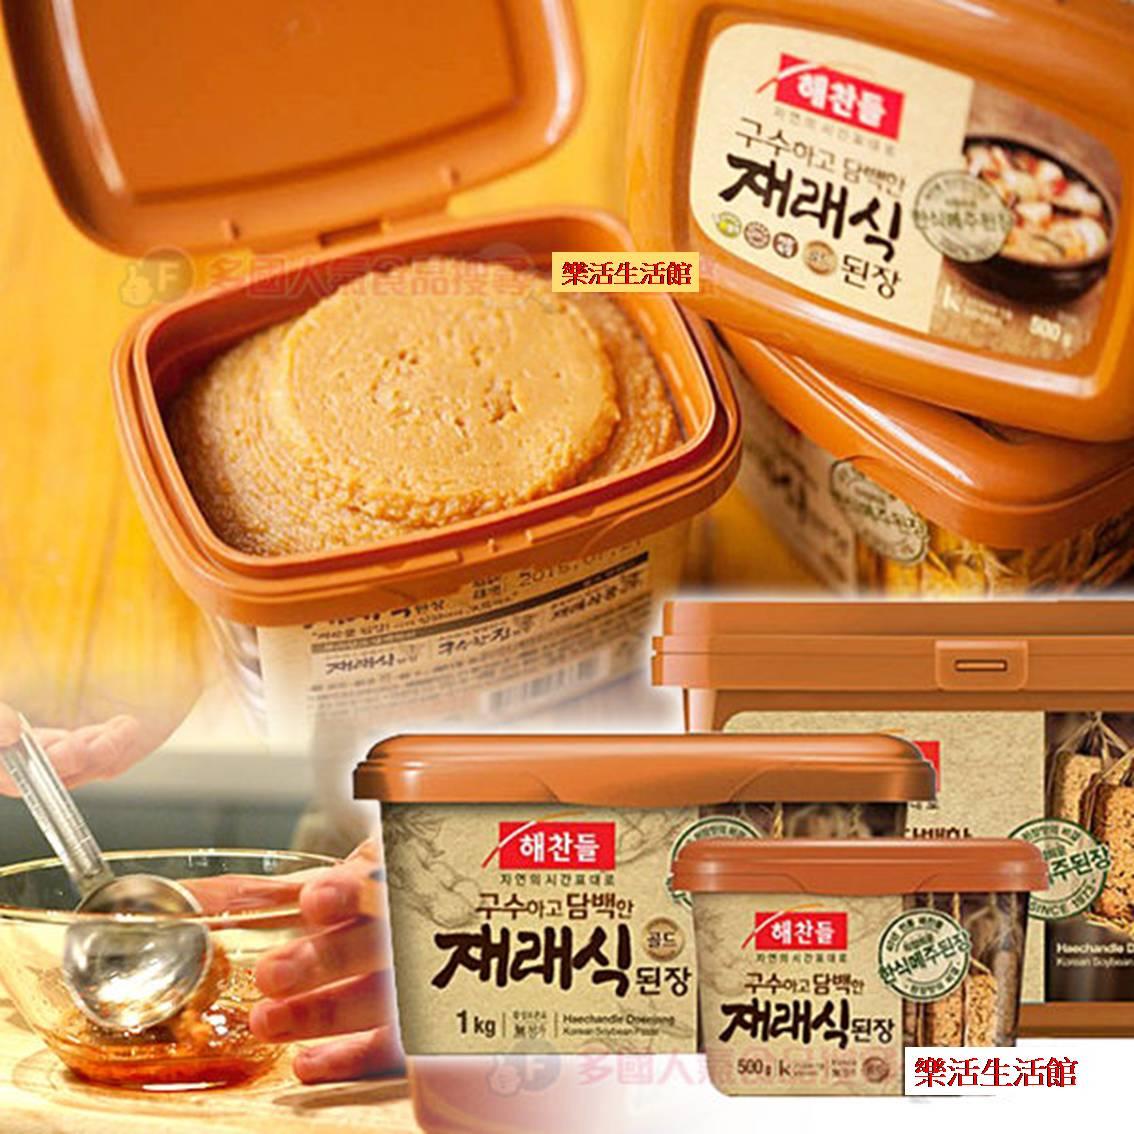 韓國 CJ 味噌醬 大醬 黃豆醬500g  ~樂活 館~